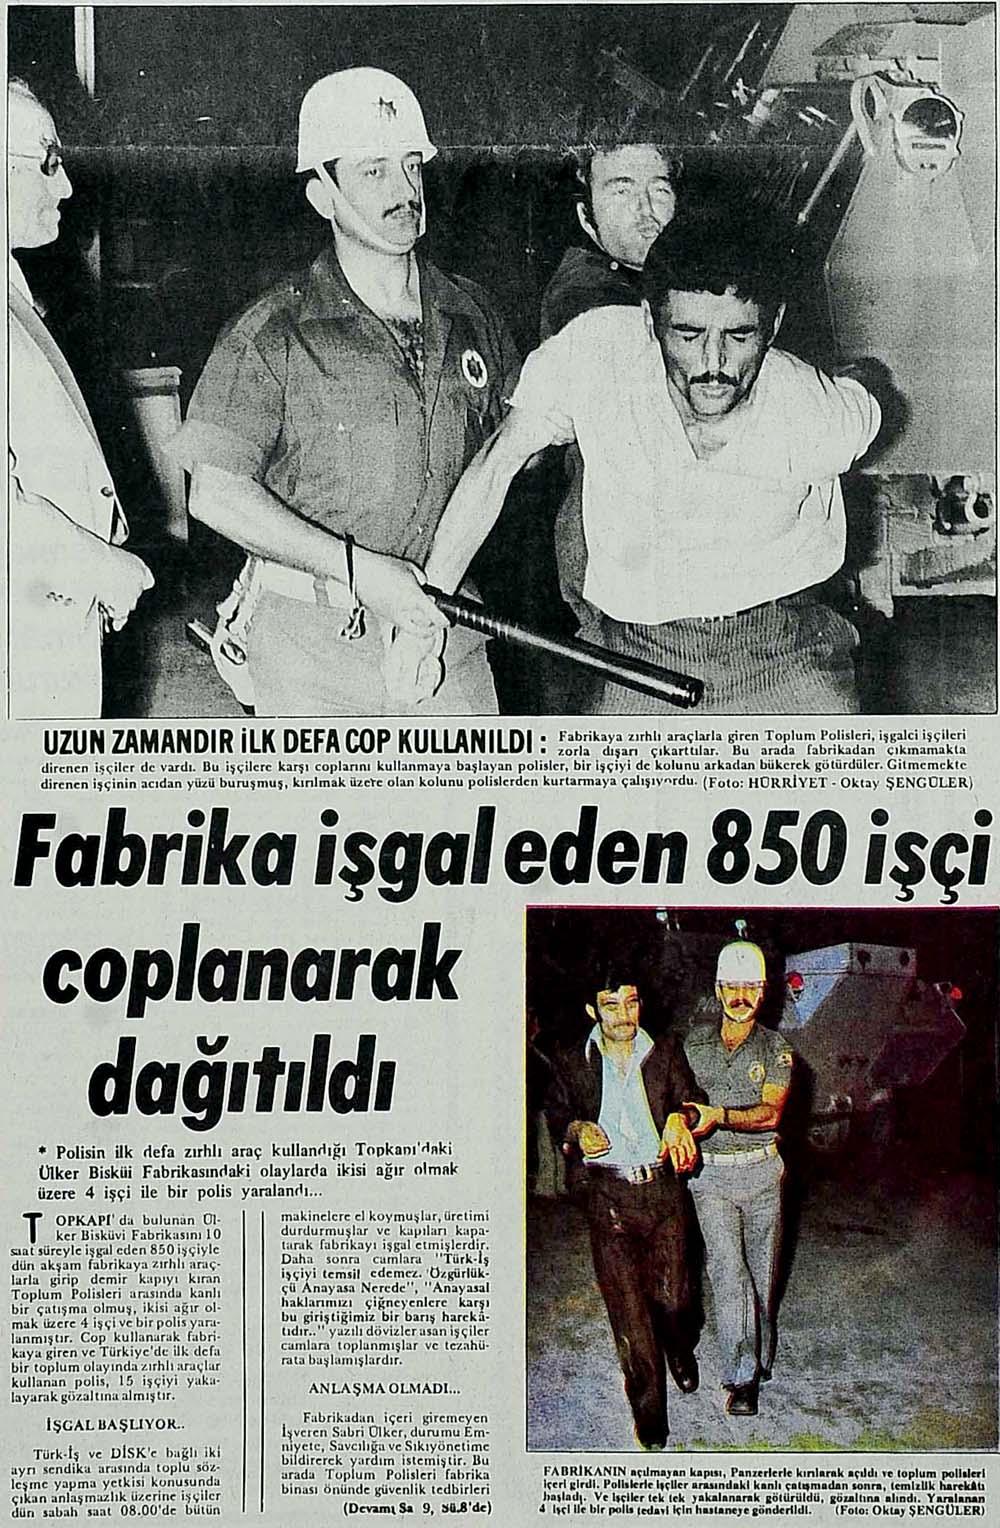 Fabrika işgal eden 850 işçi coplanarak dağıtıldı